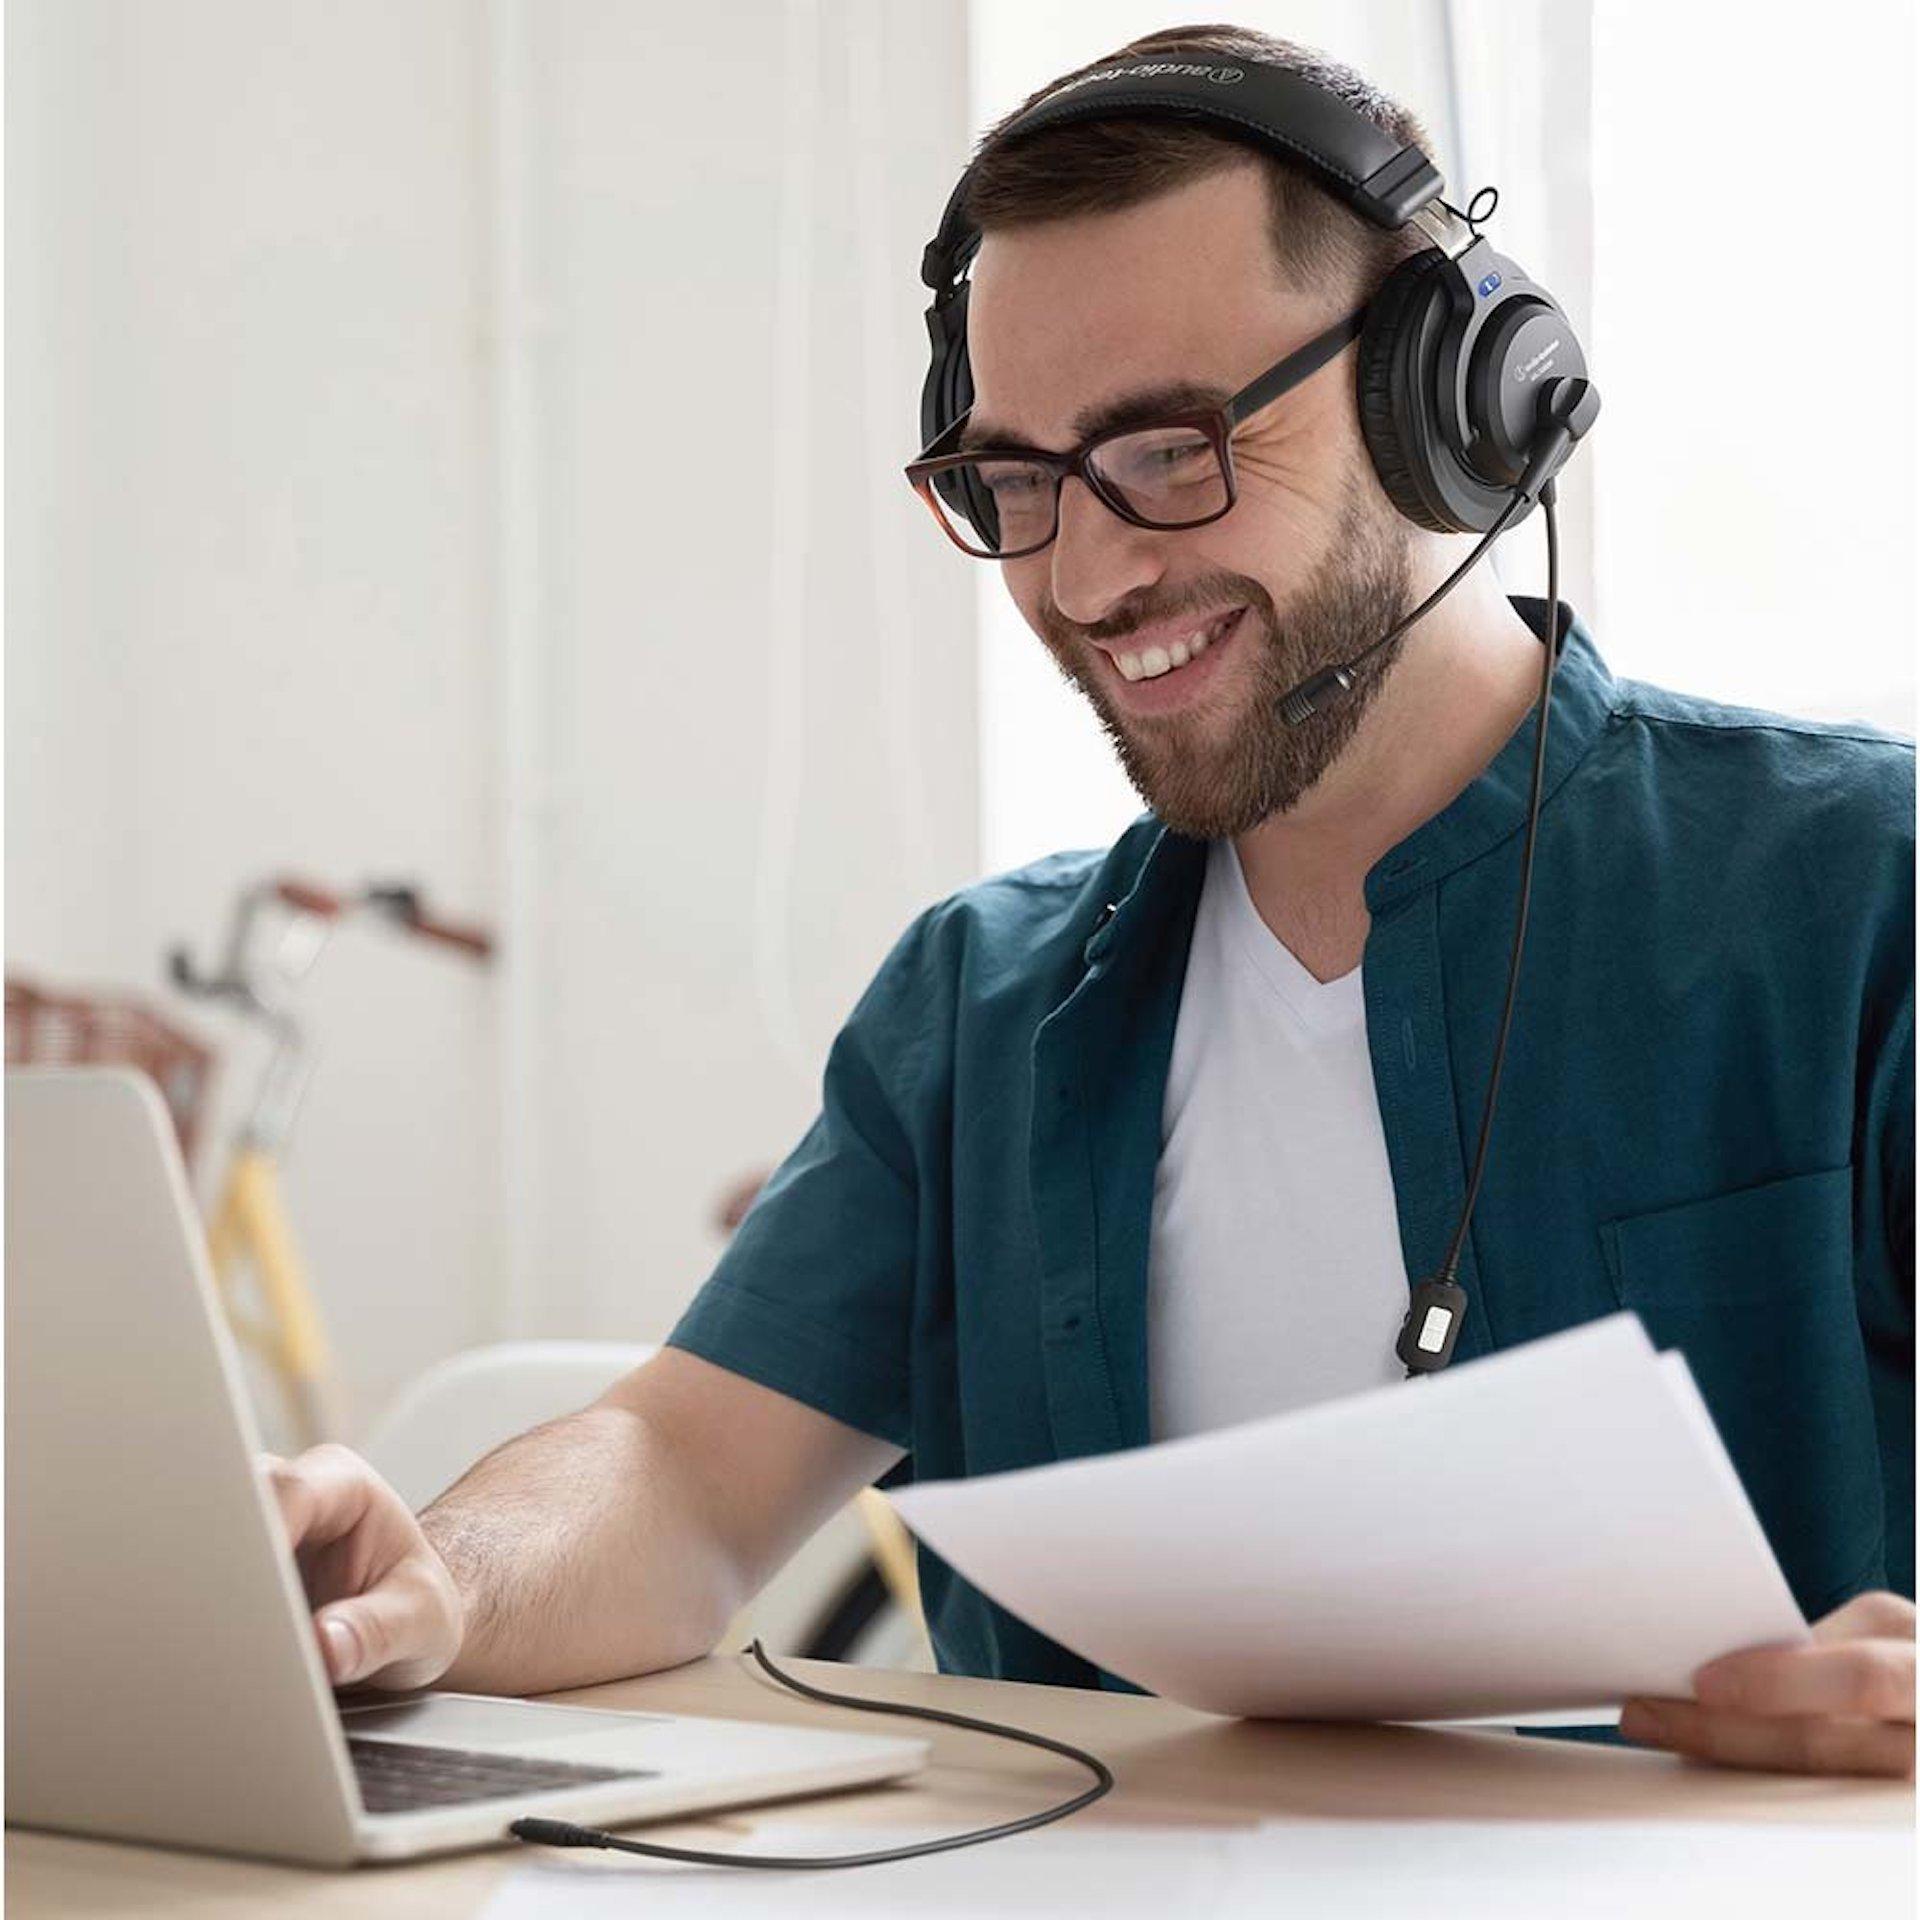 テレワークからコミュニケーションまで!おうち時間を充実させるATのおすすめオーディオアイテム8選